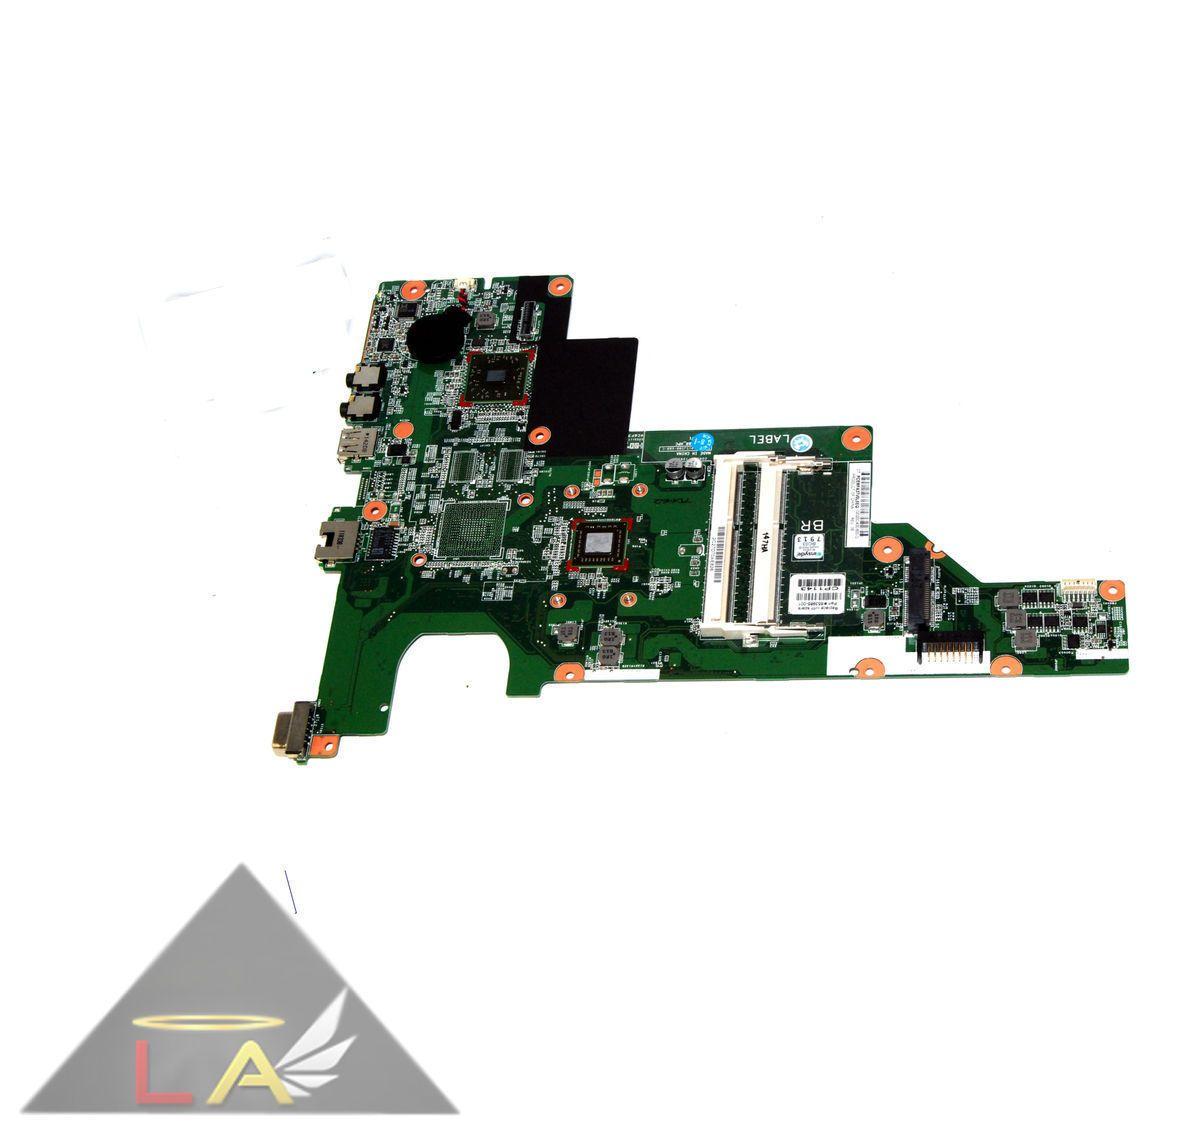 Compaq Presario CQ57 Motherboard AMD 653985 001 Laptop